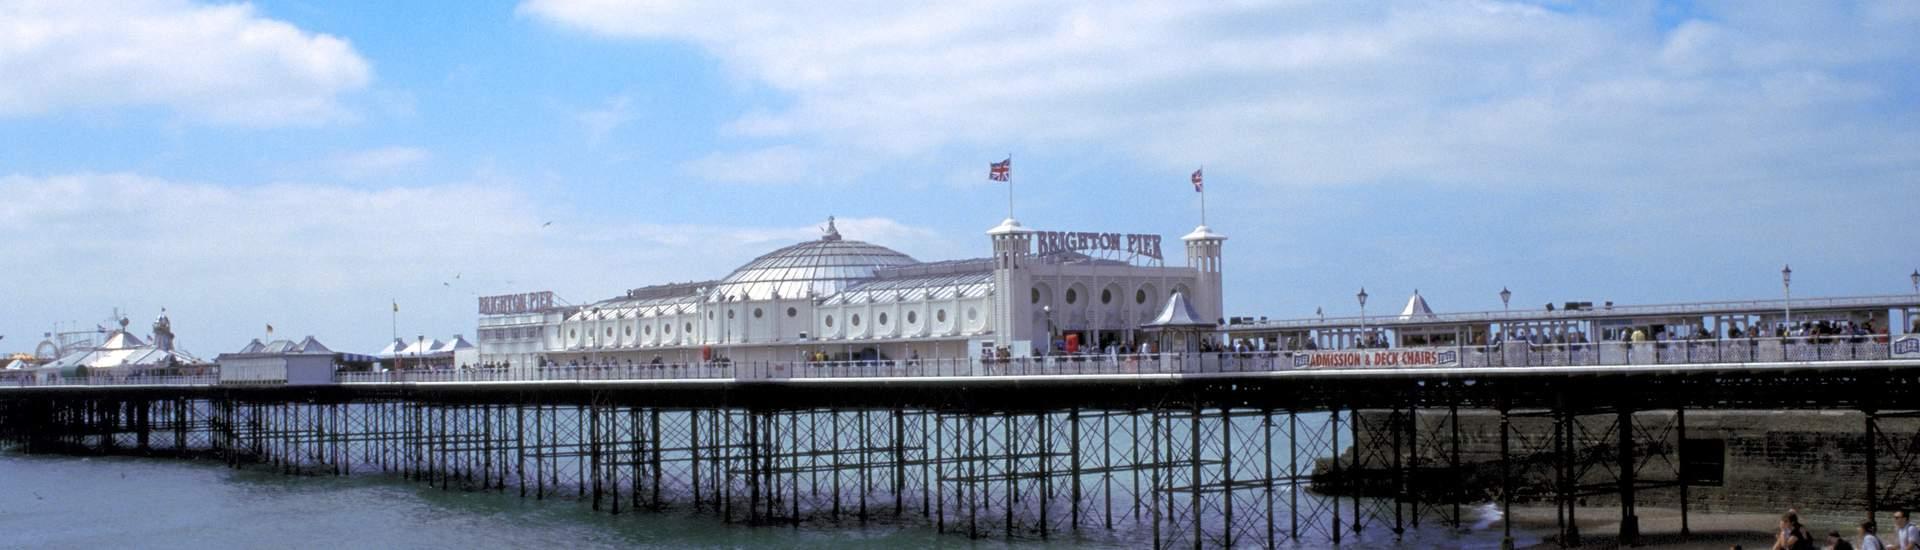 Corsi di inglese per famiglie Brighton, Inghilterra